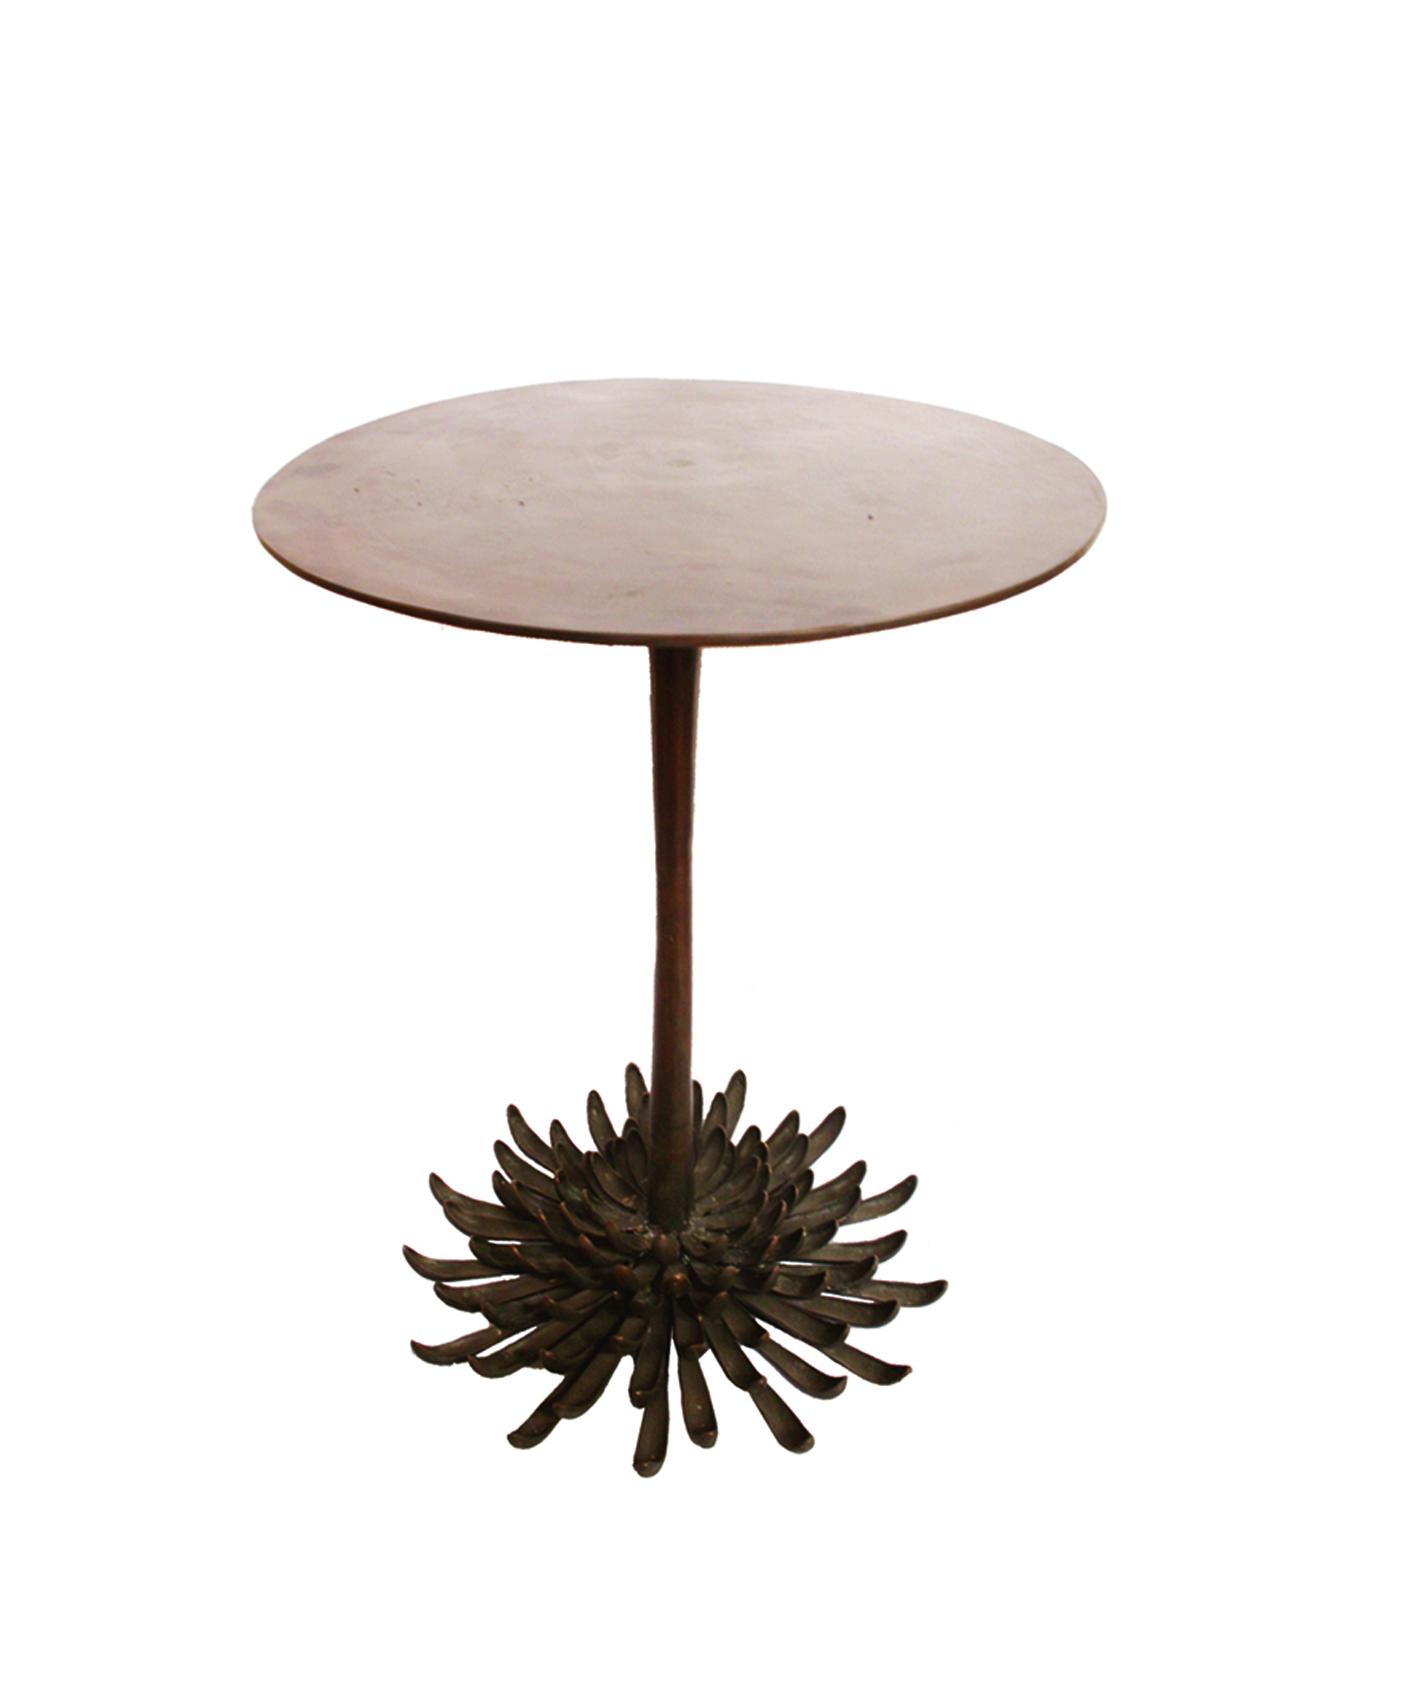 Chrysanthemum Table